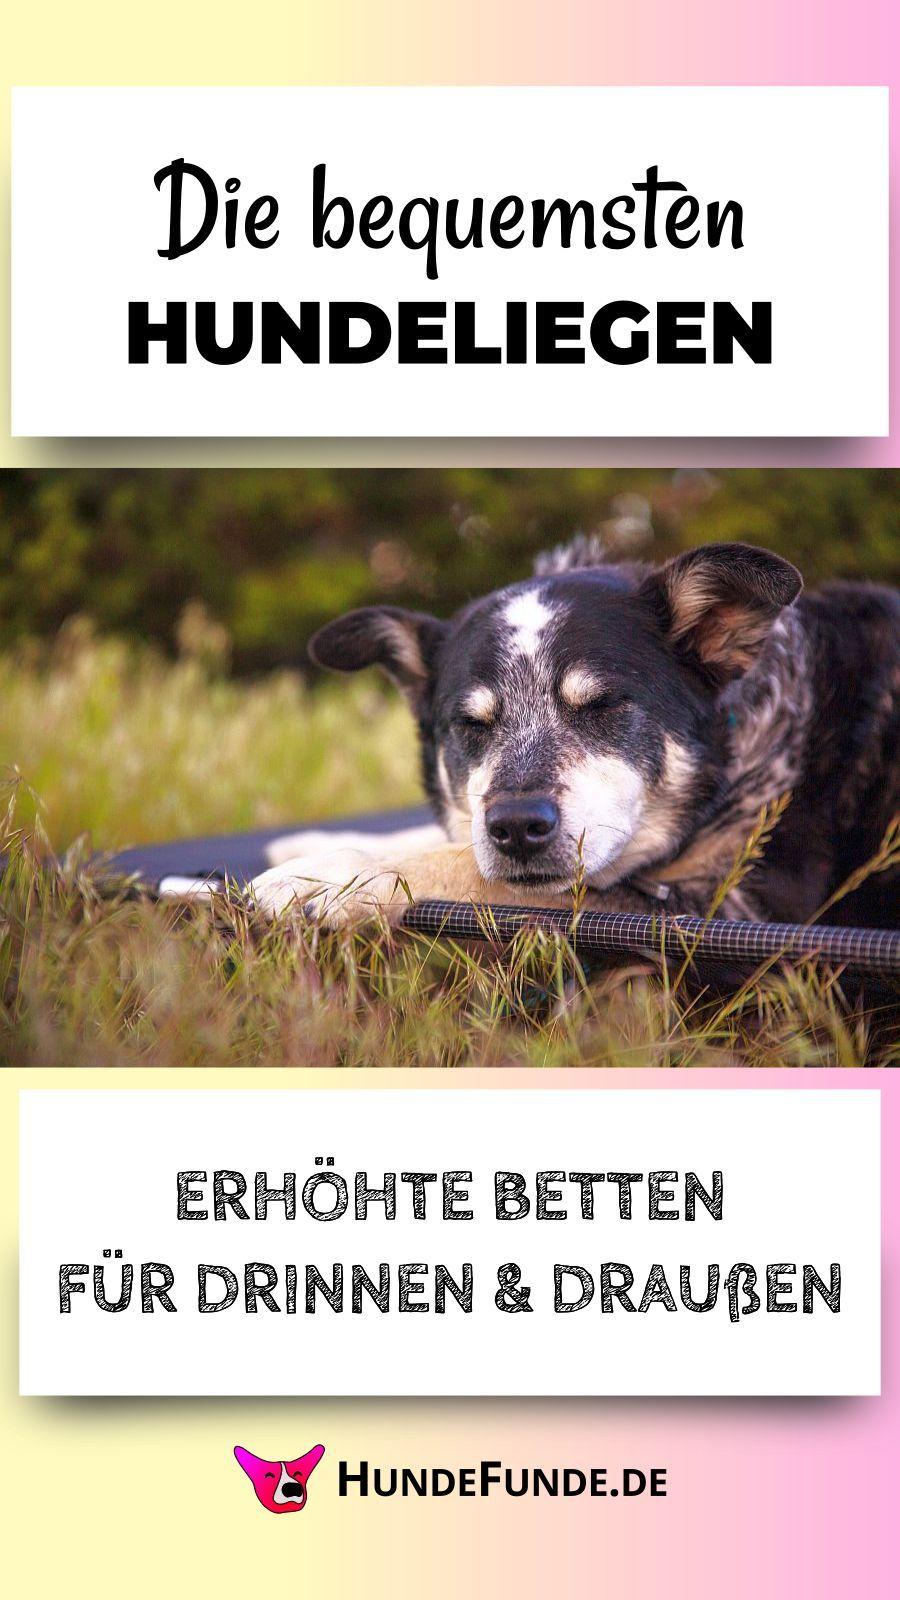 Hundeliegen Fur Draussen Drinnen Training Und Unterwegs Hunde Hunde Bett Kuschelsack Hund